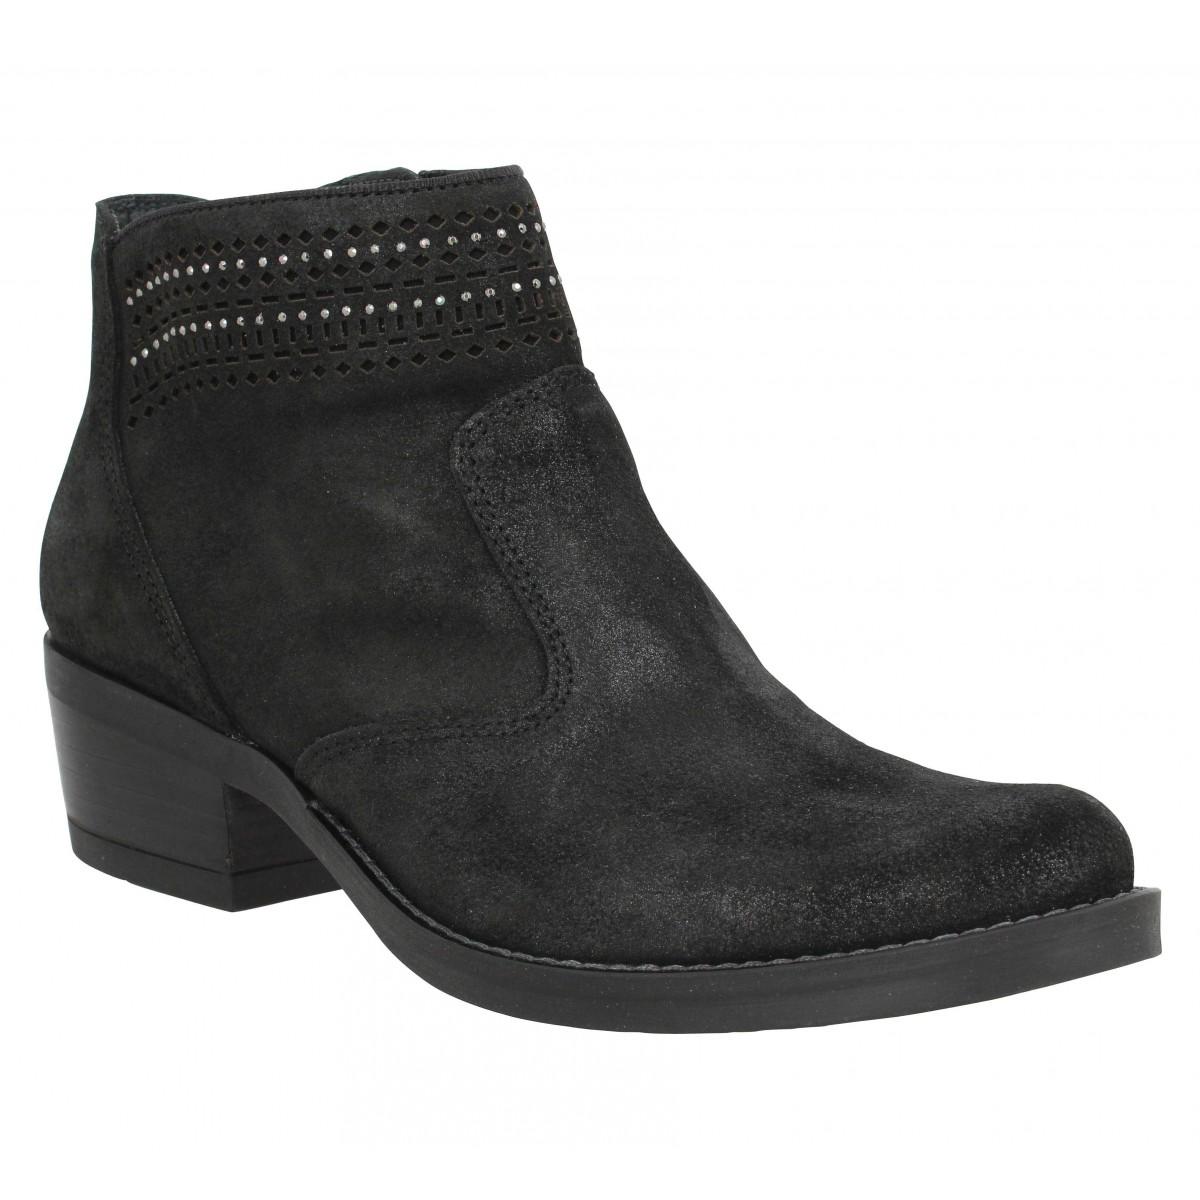 Bottines KANNA 9911 velours Femme Noir